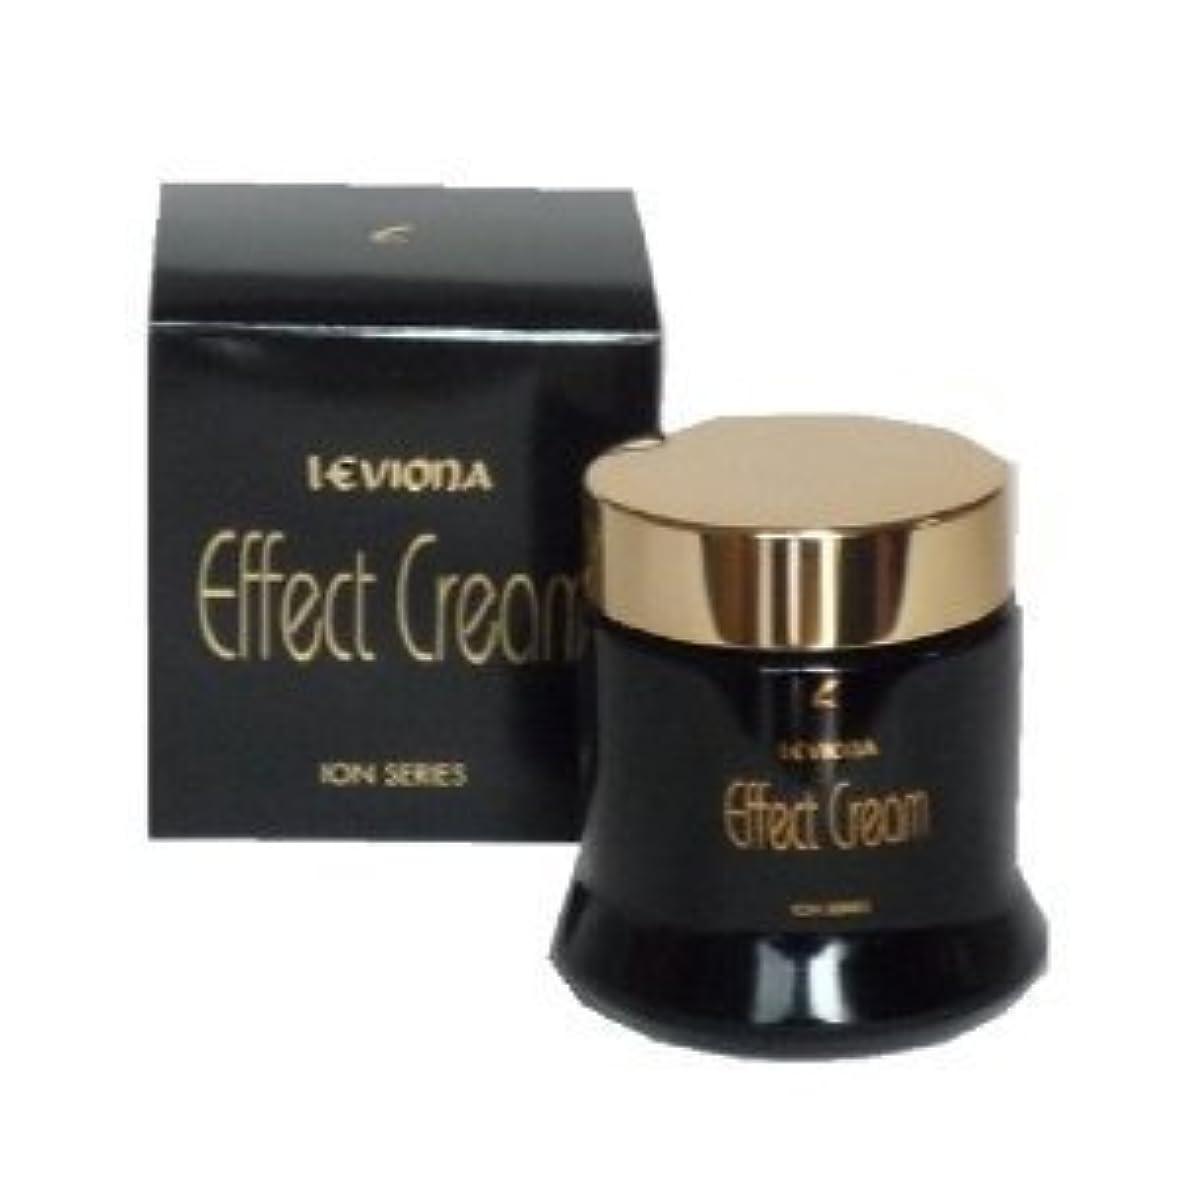 サスペンションほとんどの場合ガラガラレビオナ化粧品エフェクトクリーム天然イオン配合